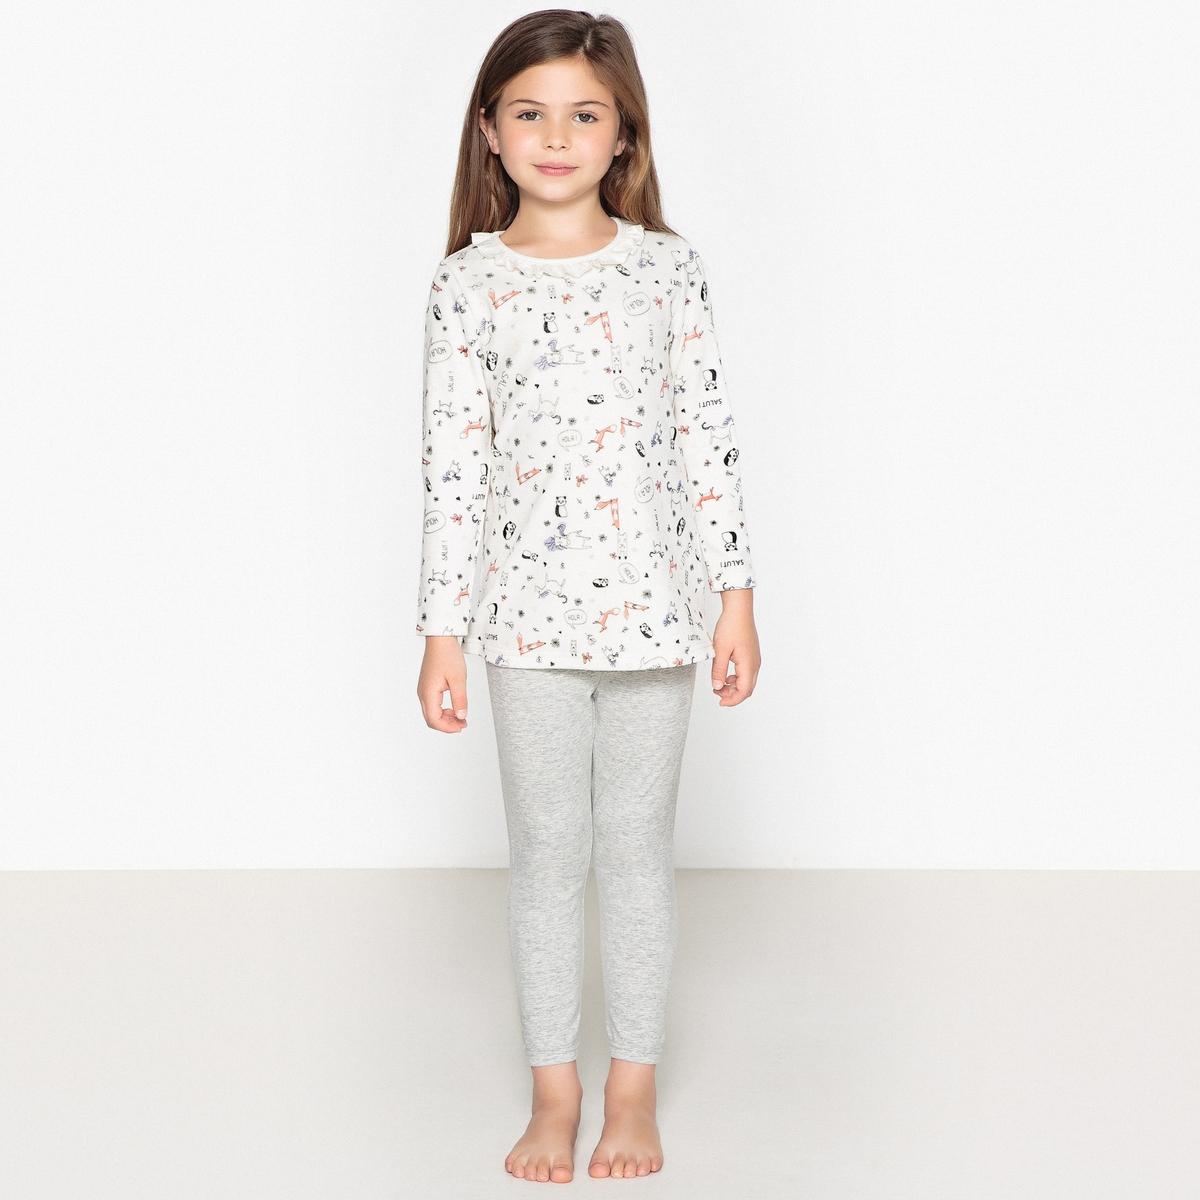 Пижама раздельная из велюра с принтом, 3-12 лет